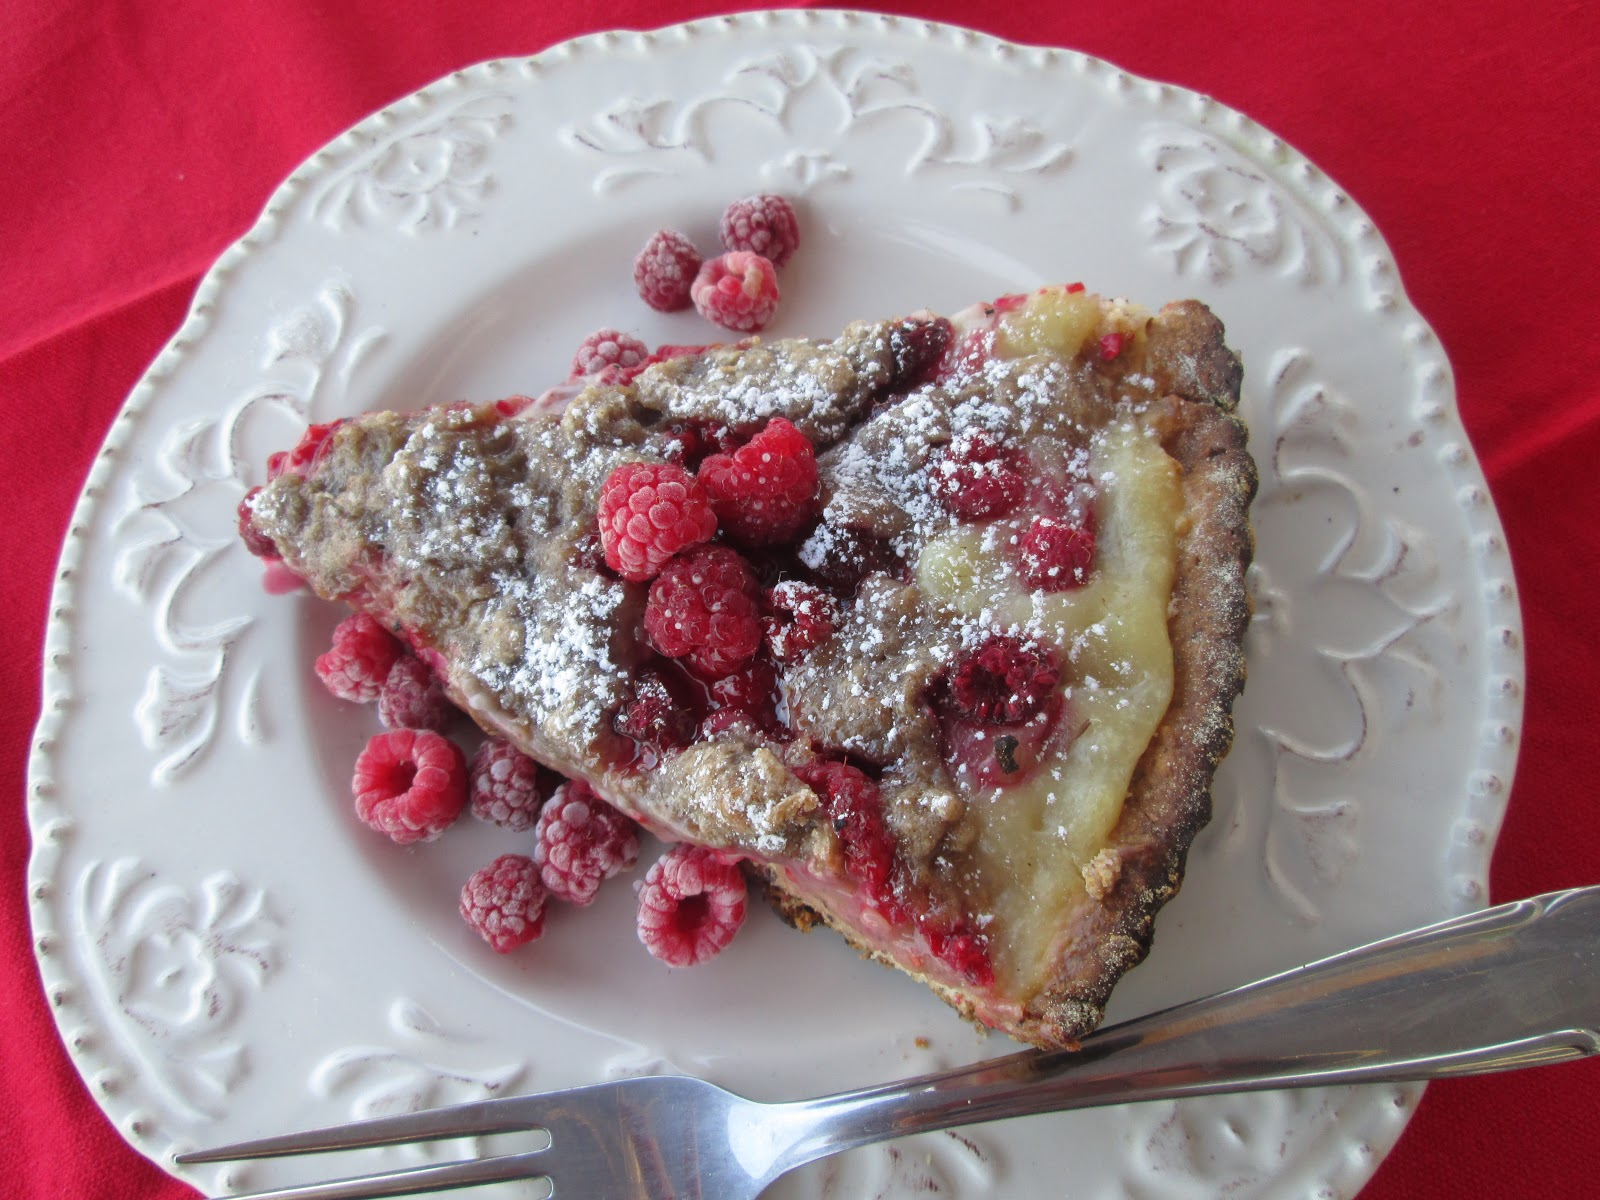 Canela kitchen : Raspberries kuchen with vanilla cream and streusel | {Küchenmöbel made in germany 74}